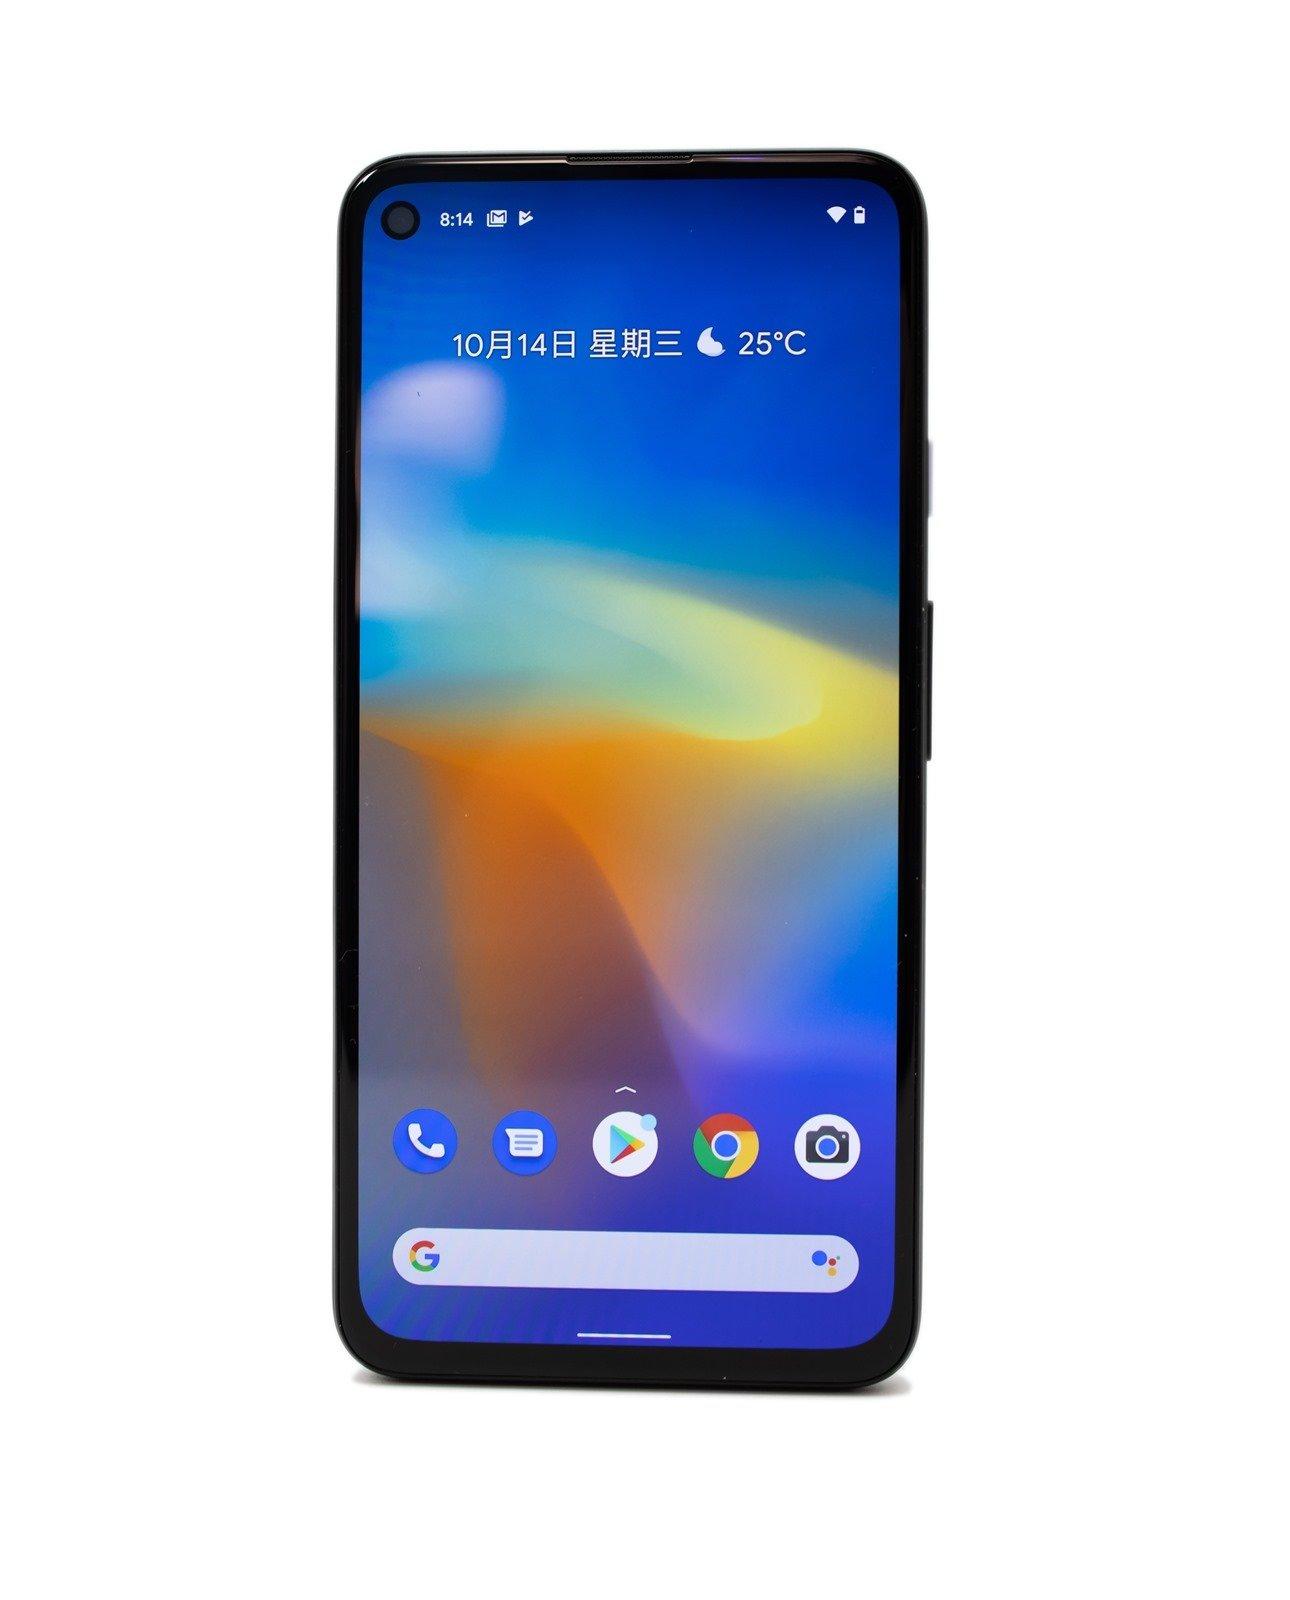 多了 5G 的實用手機 – Google Pixel 4a 5G 版本 (1) 開箱,看看盒中有什麼? ( Google Pixel 4a 5G Unboxing) 附規格 / 彙整資料 @3C 達人廖阿輝